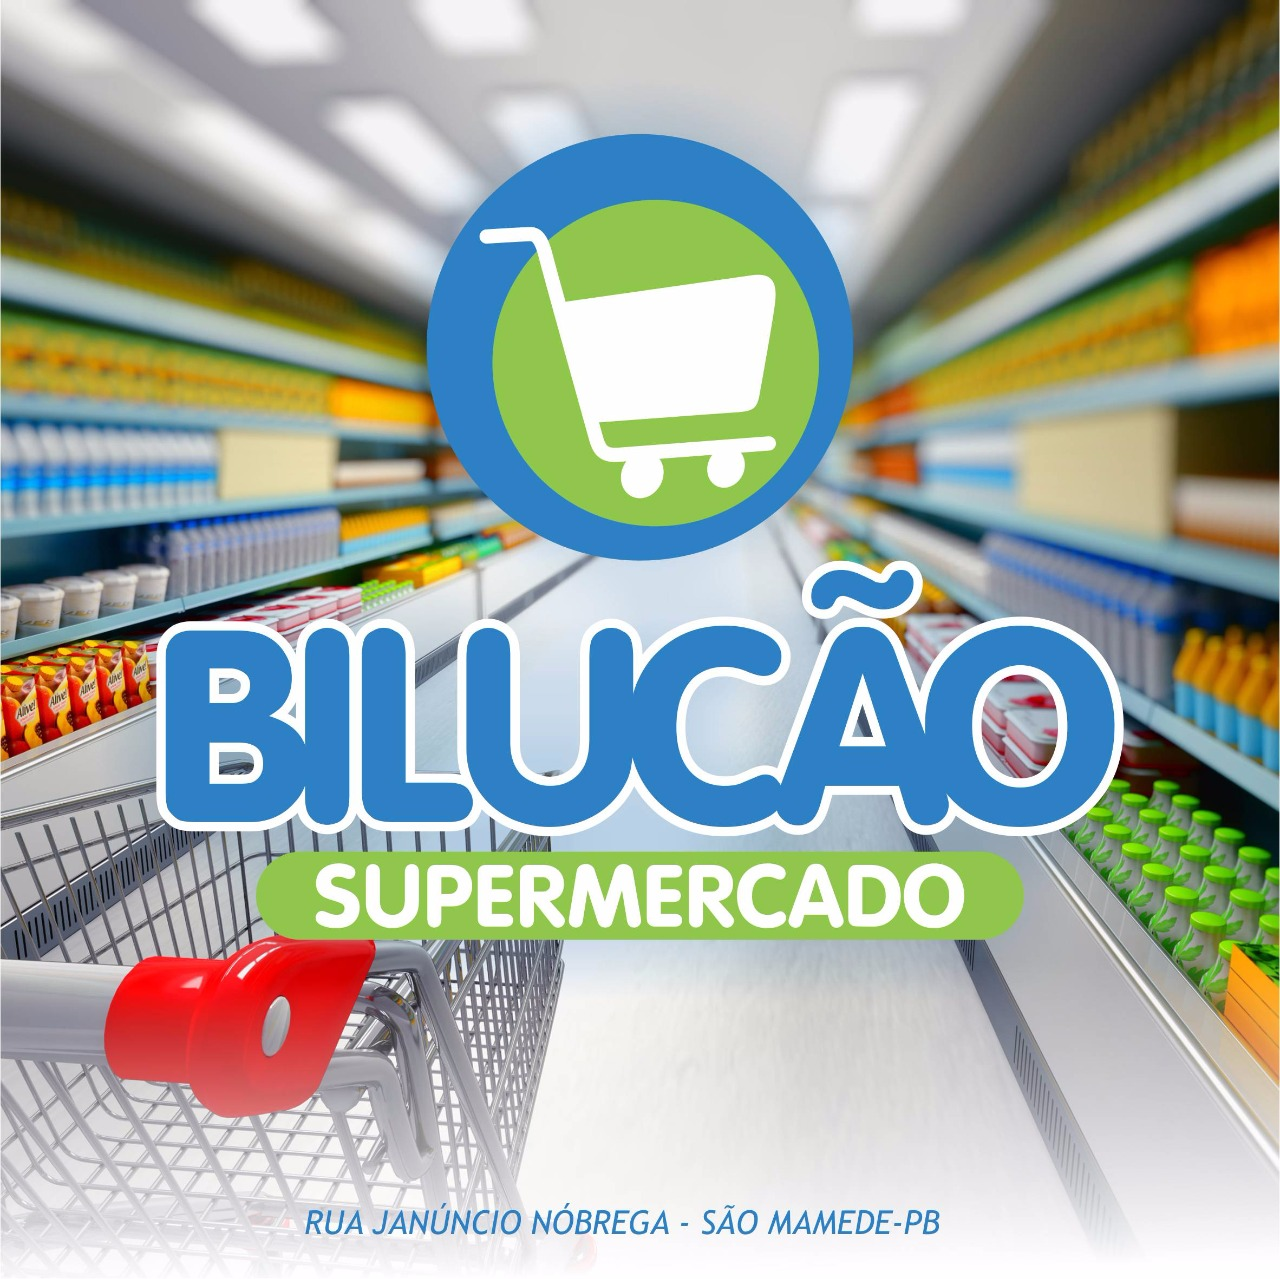 Supermercado Bilucão